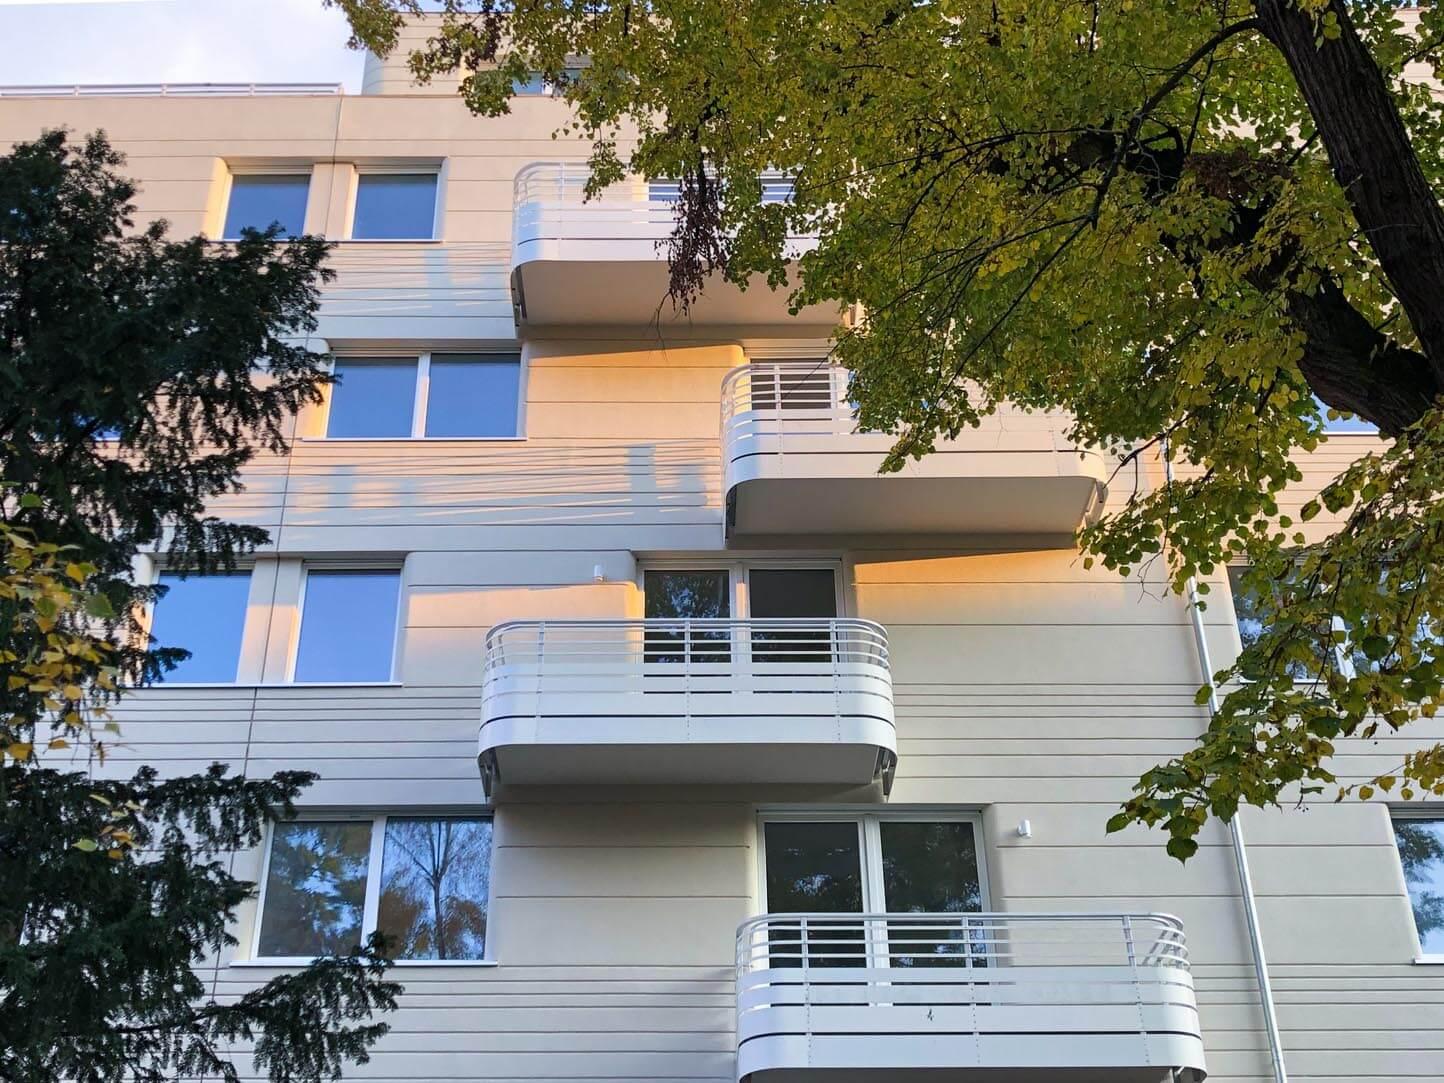 Hochwertig, exklusiv und kraftvoll: unsere architektonischen Perlen OOW Architekten Berlin |